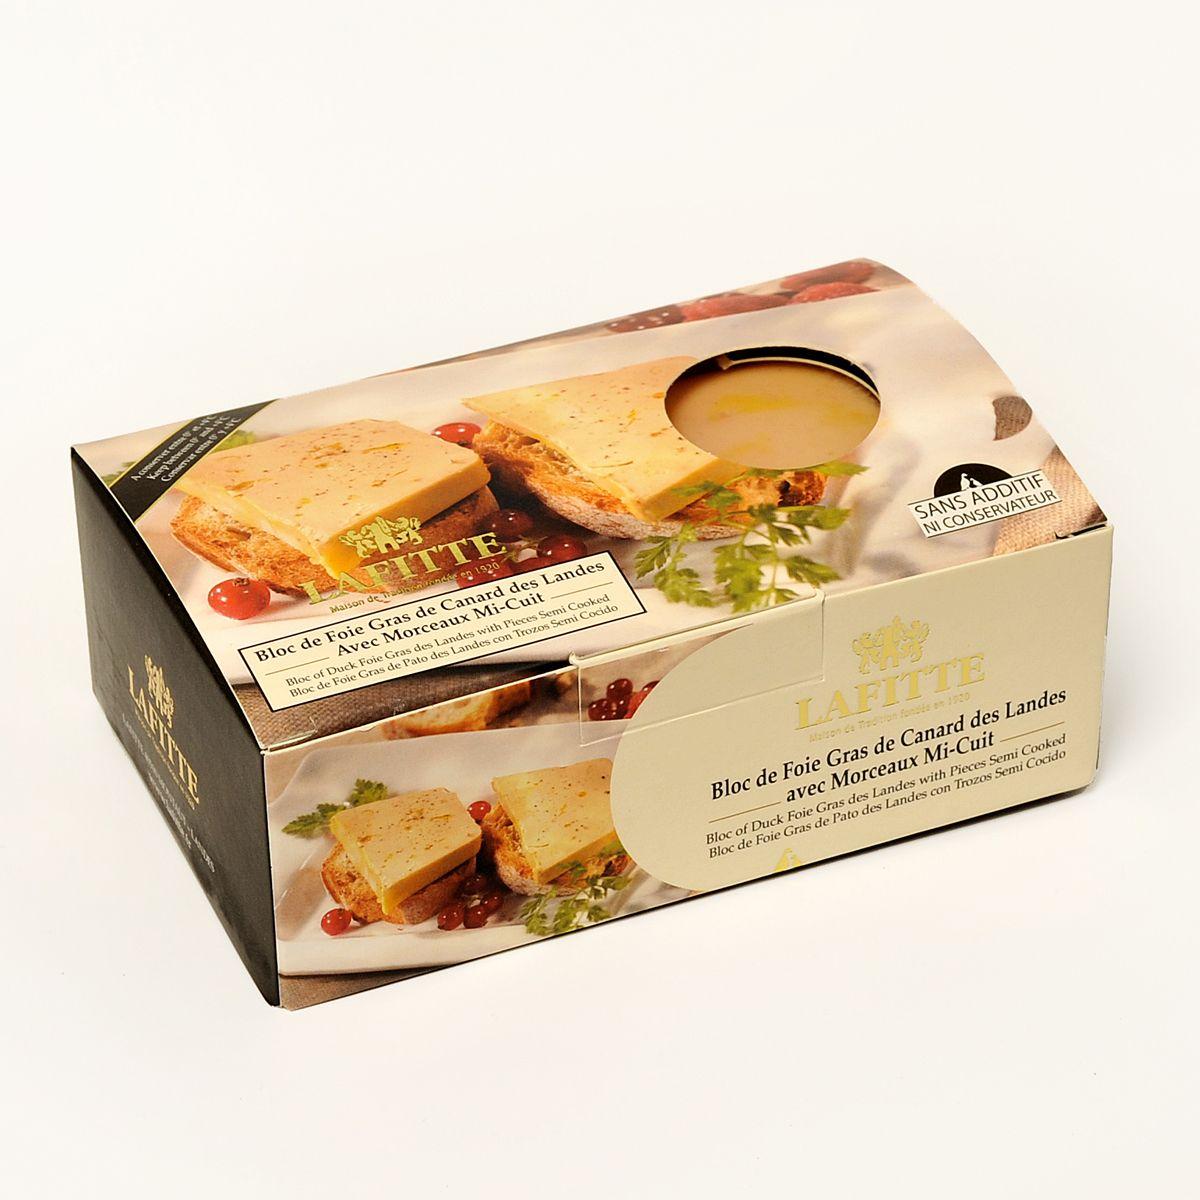 Bloc of foie gras Micuit Lafitte 180 grs